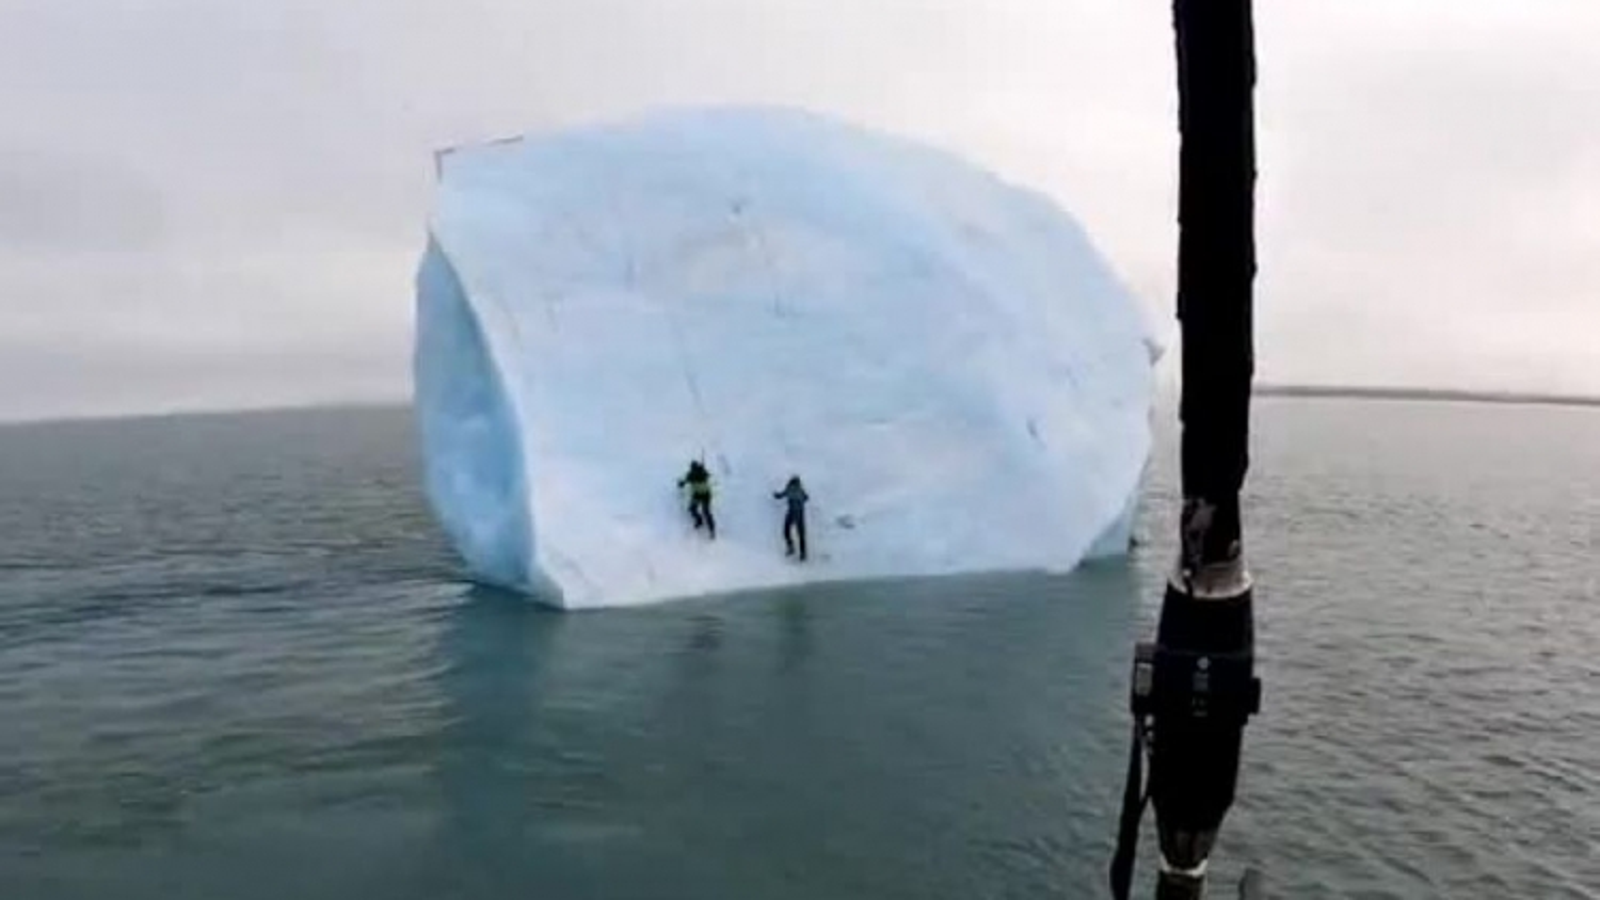 Khoảnh khắc tảng băng bị lật, hất 2 nhà thám hiểm xuống biển ở Bắc Cực